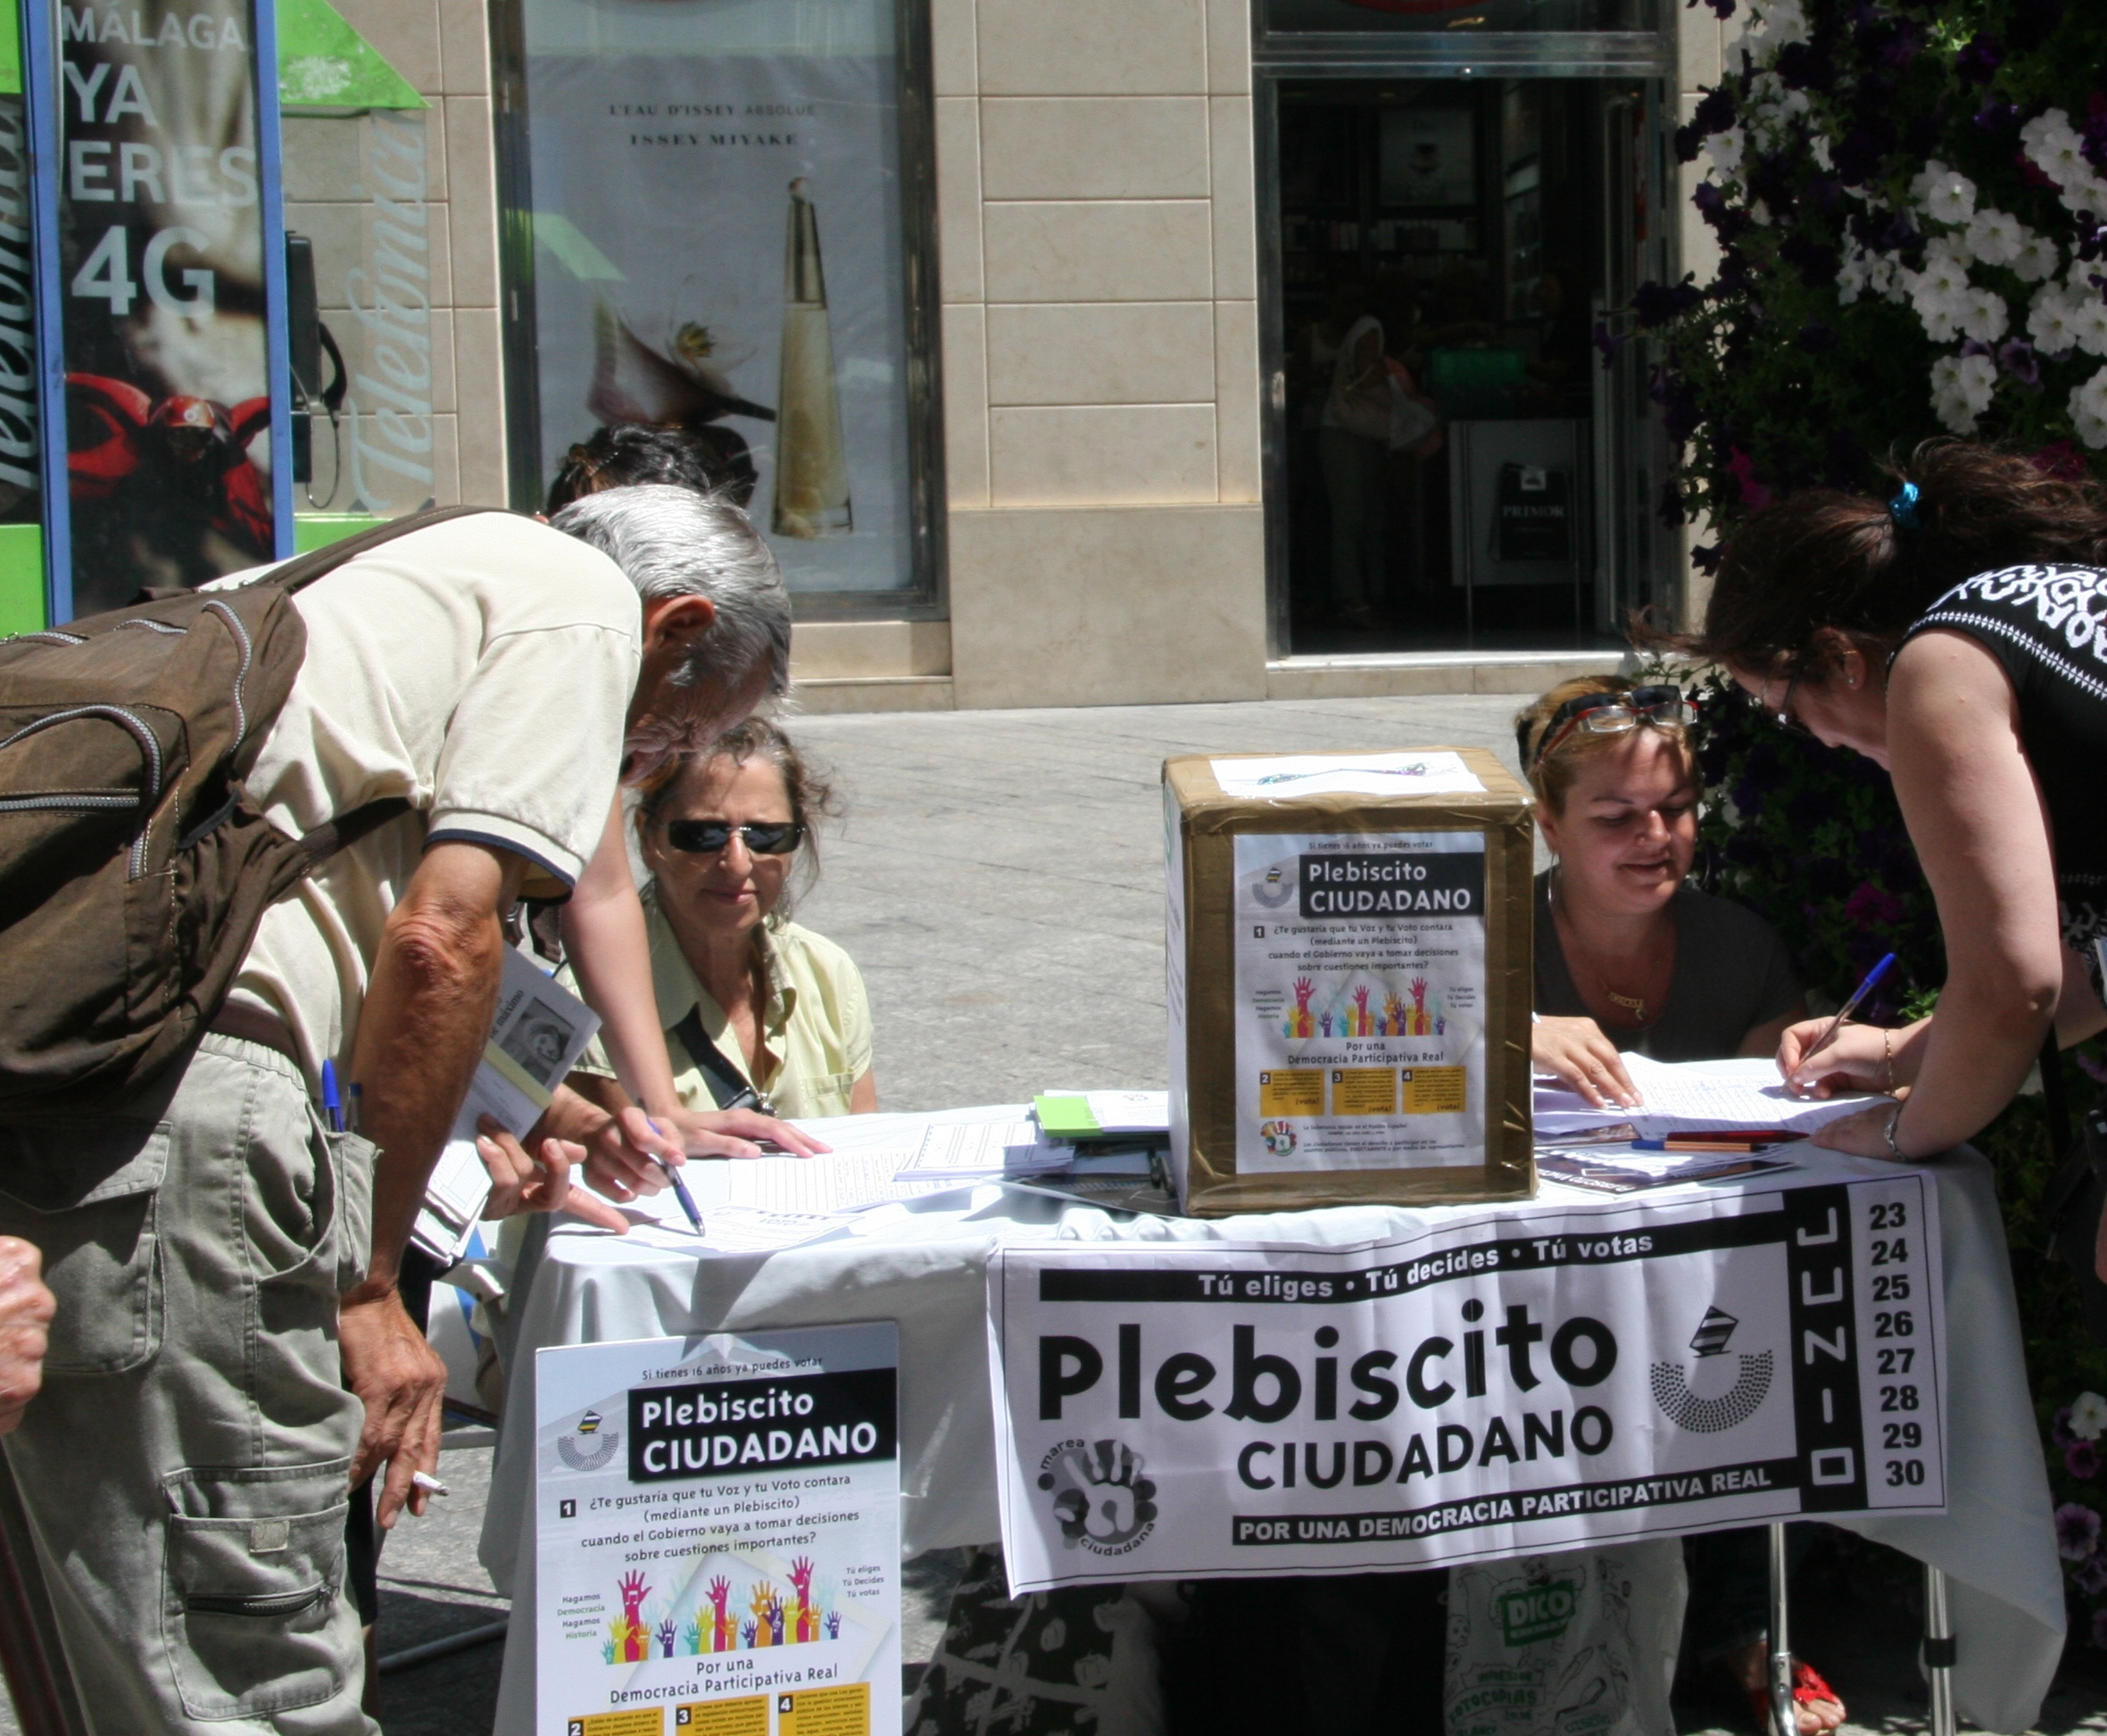 imagen del plebiscito ciudadano en Málaga